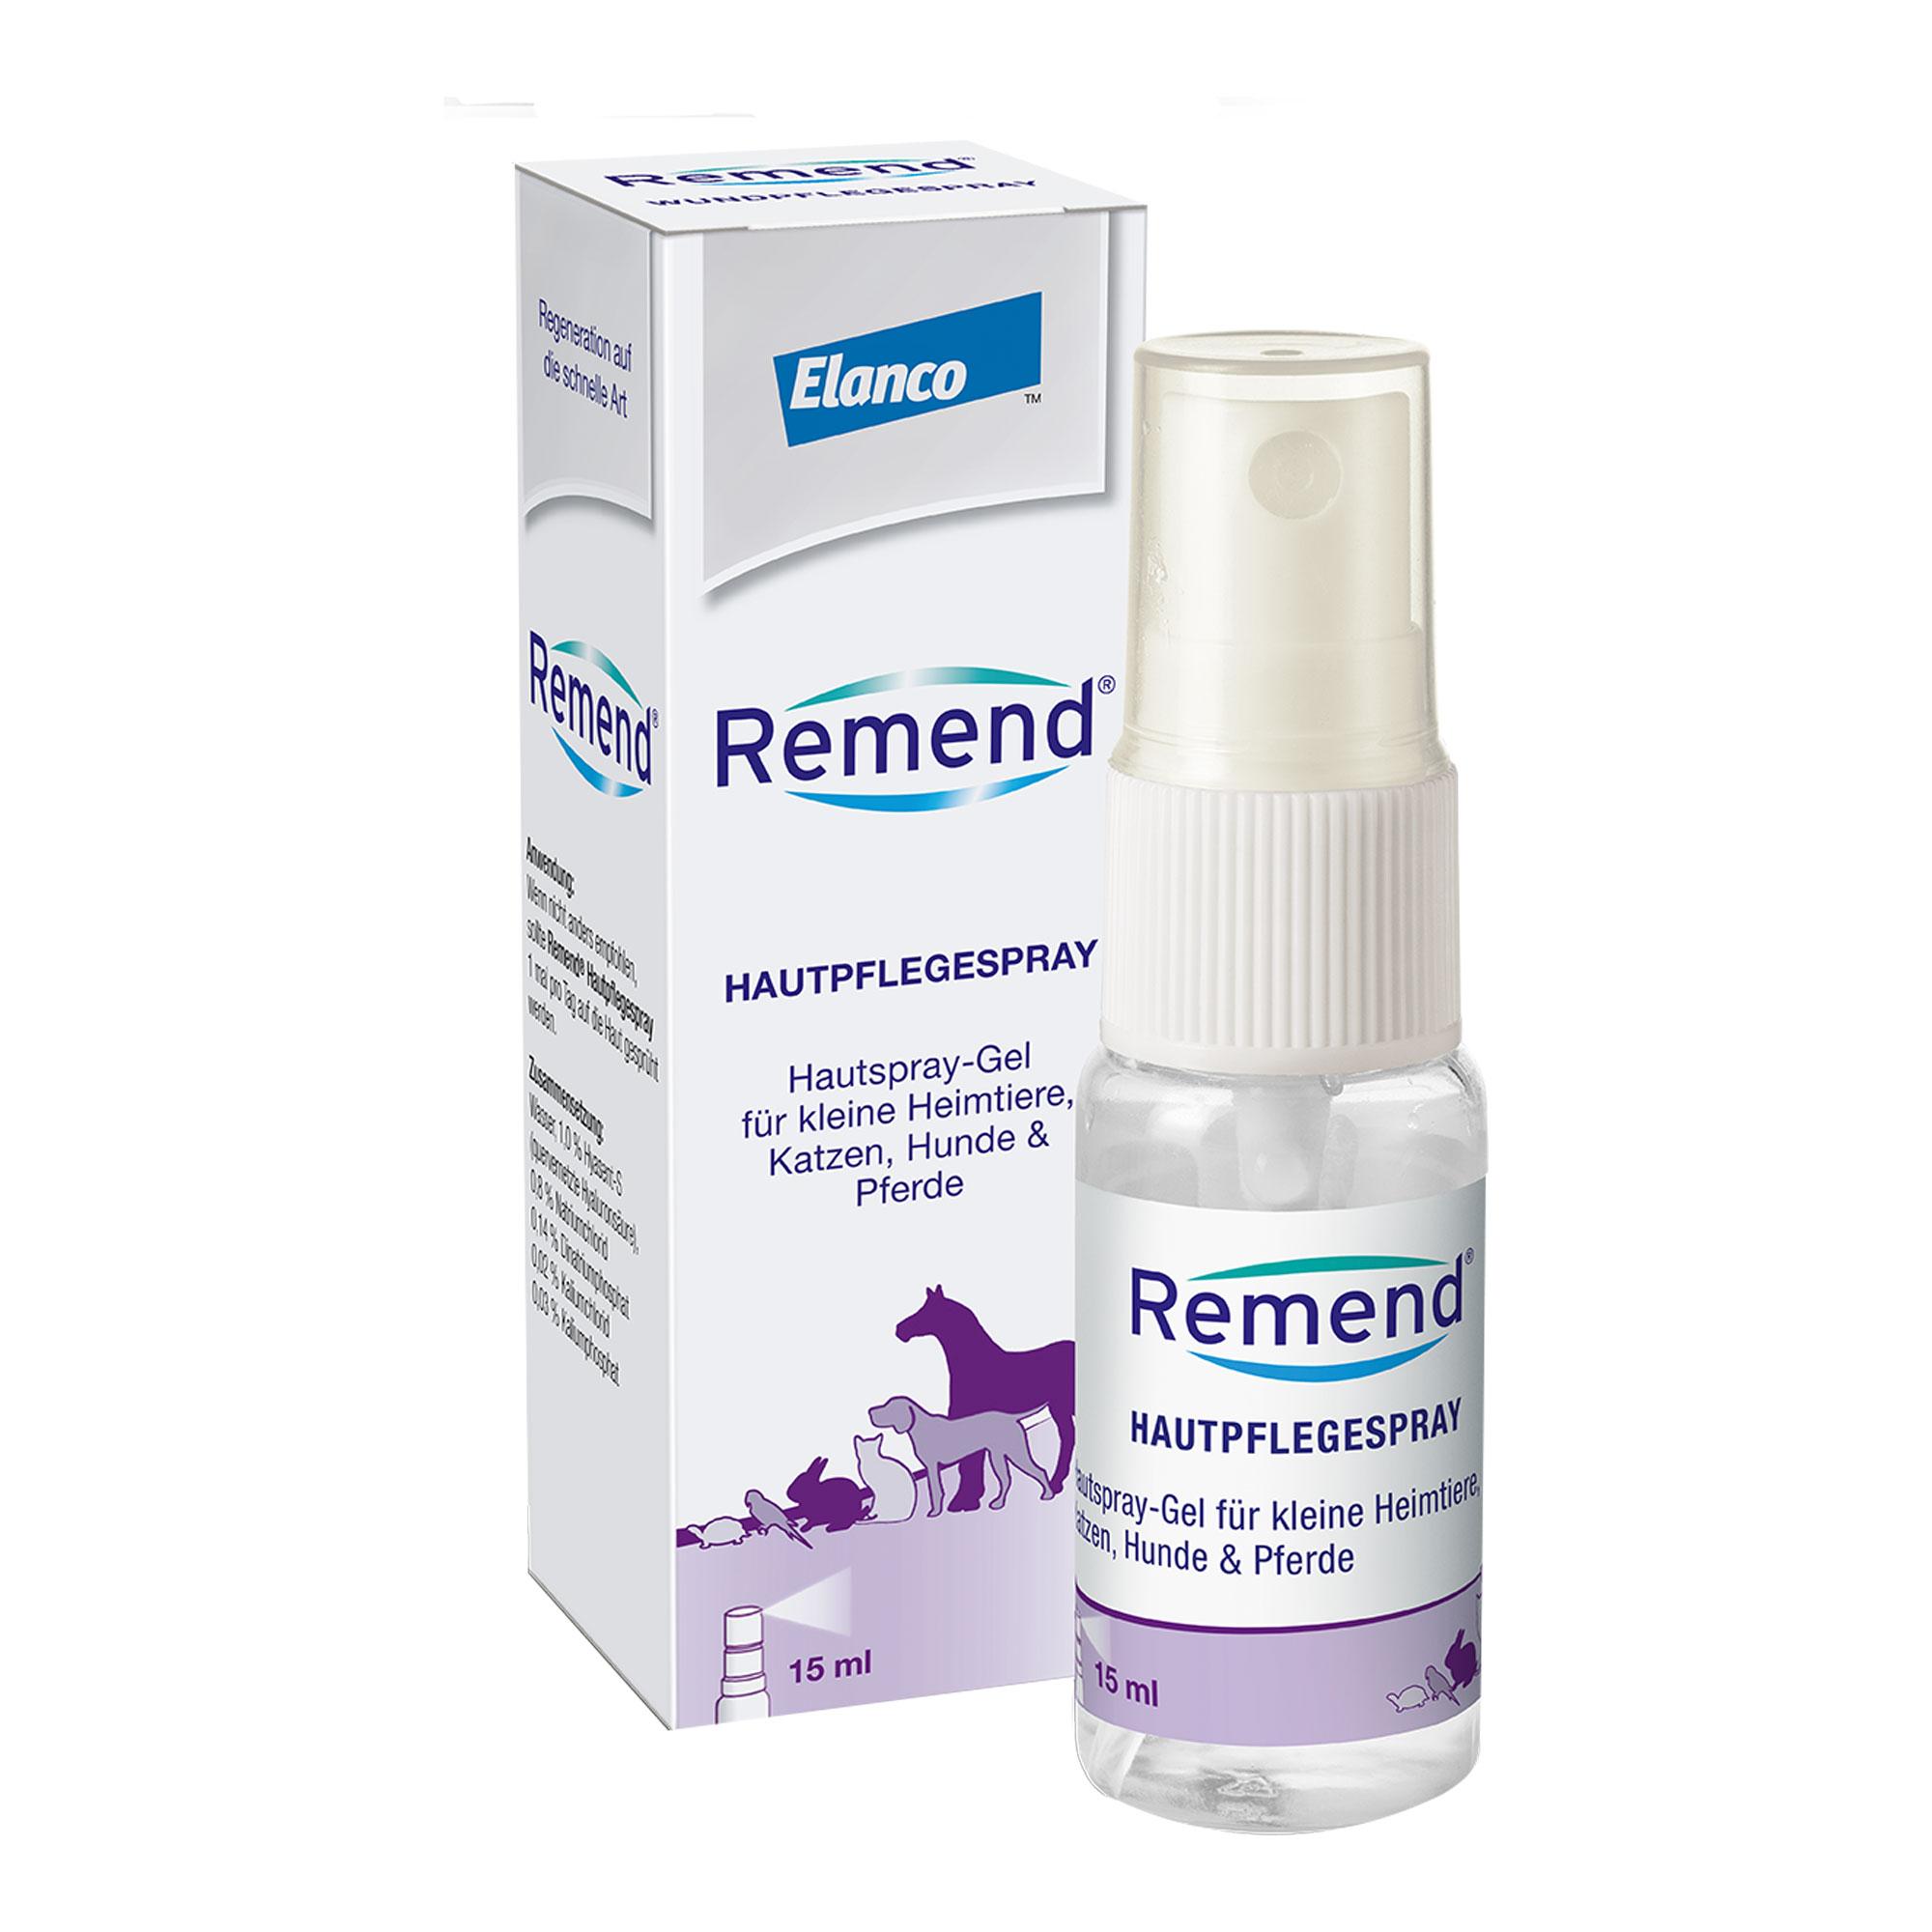 Remend Hautpflegespray